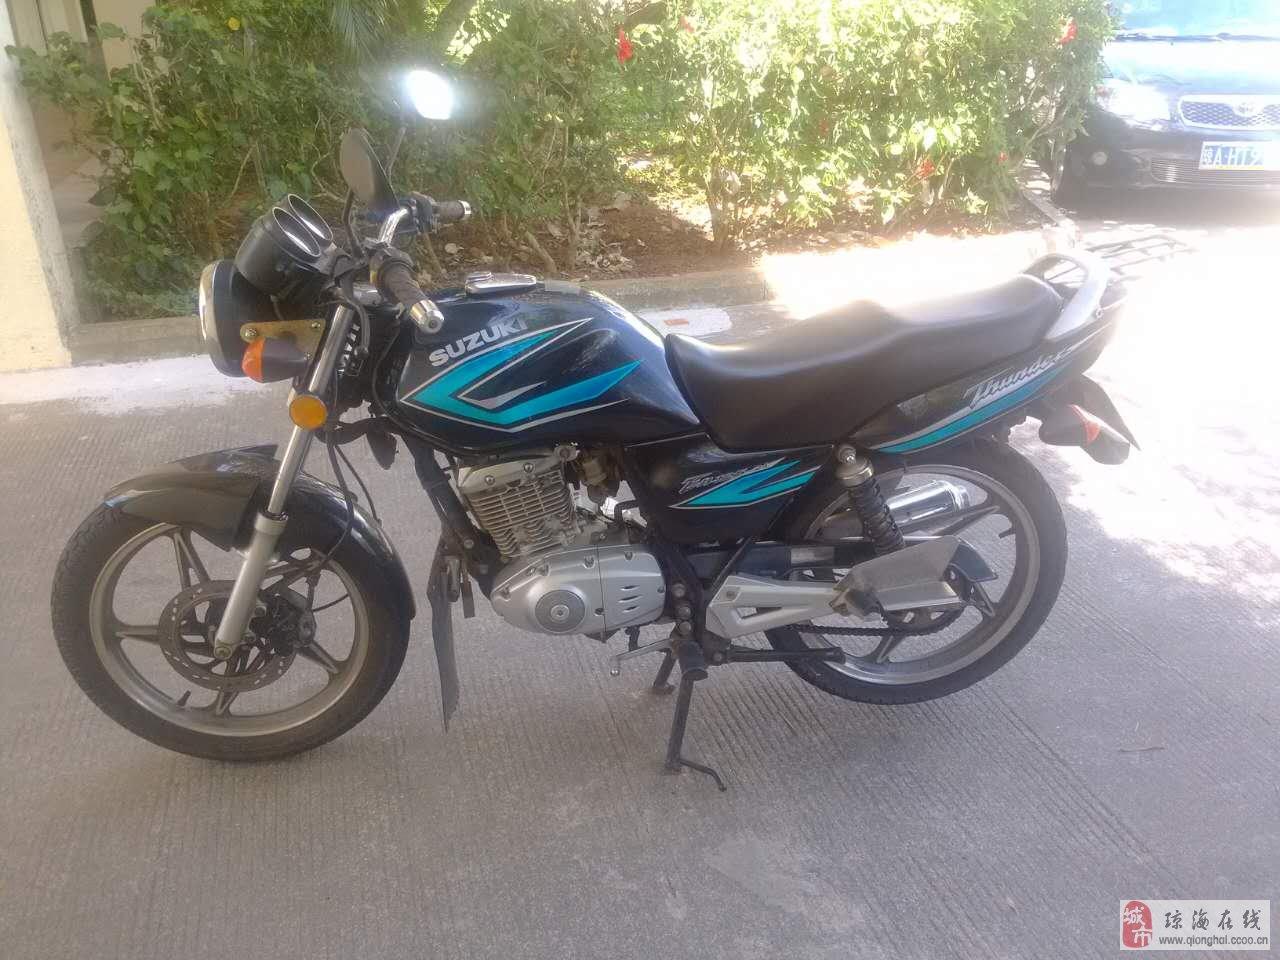 豪爵铃木锐爽en125-2a摩托车